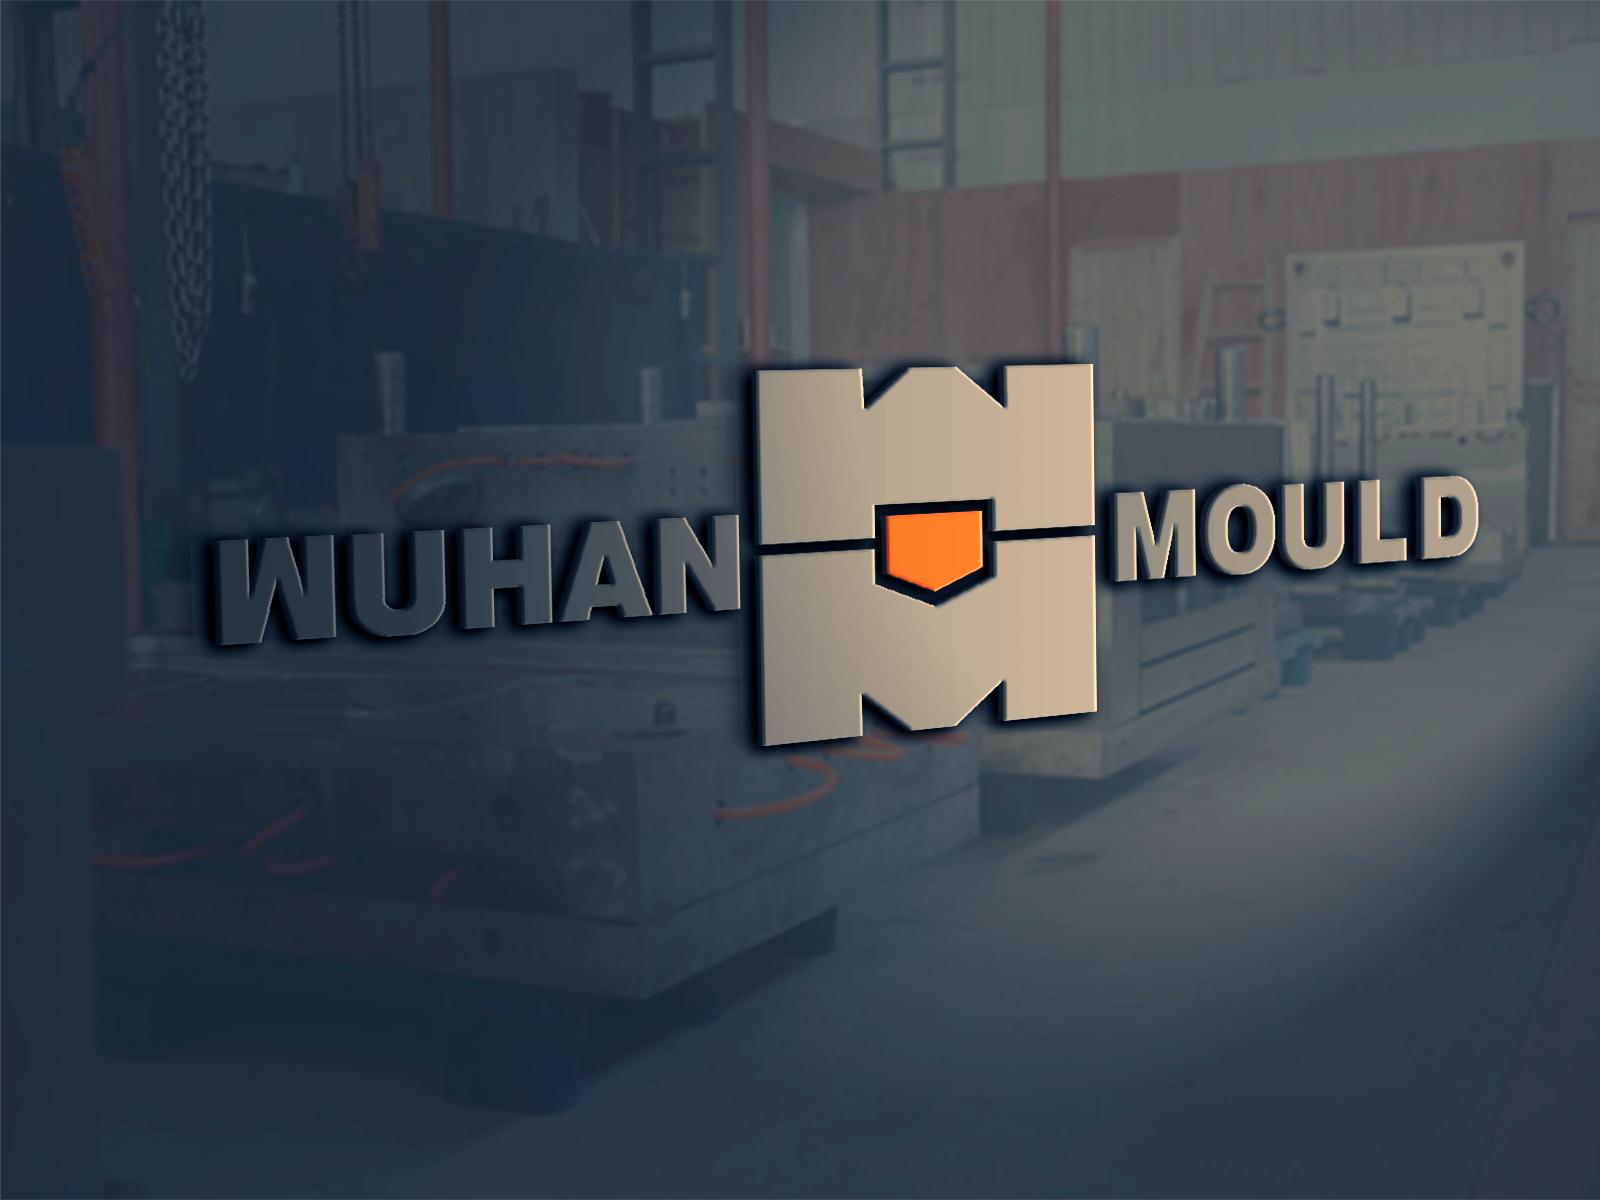 Создать логотип для фабрики пресс-форм фото f_3675996ecf9a7dd3.jpg